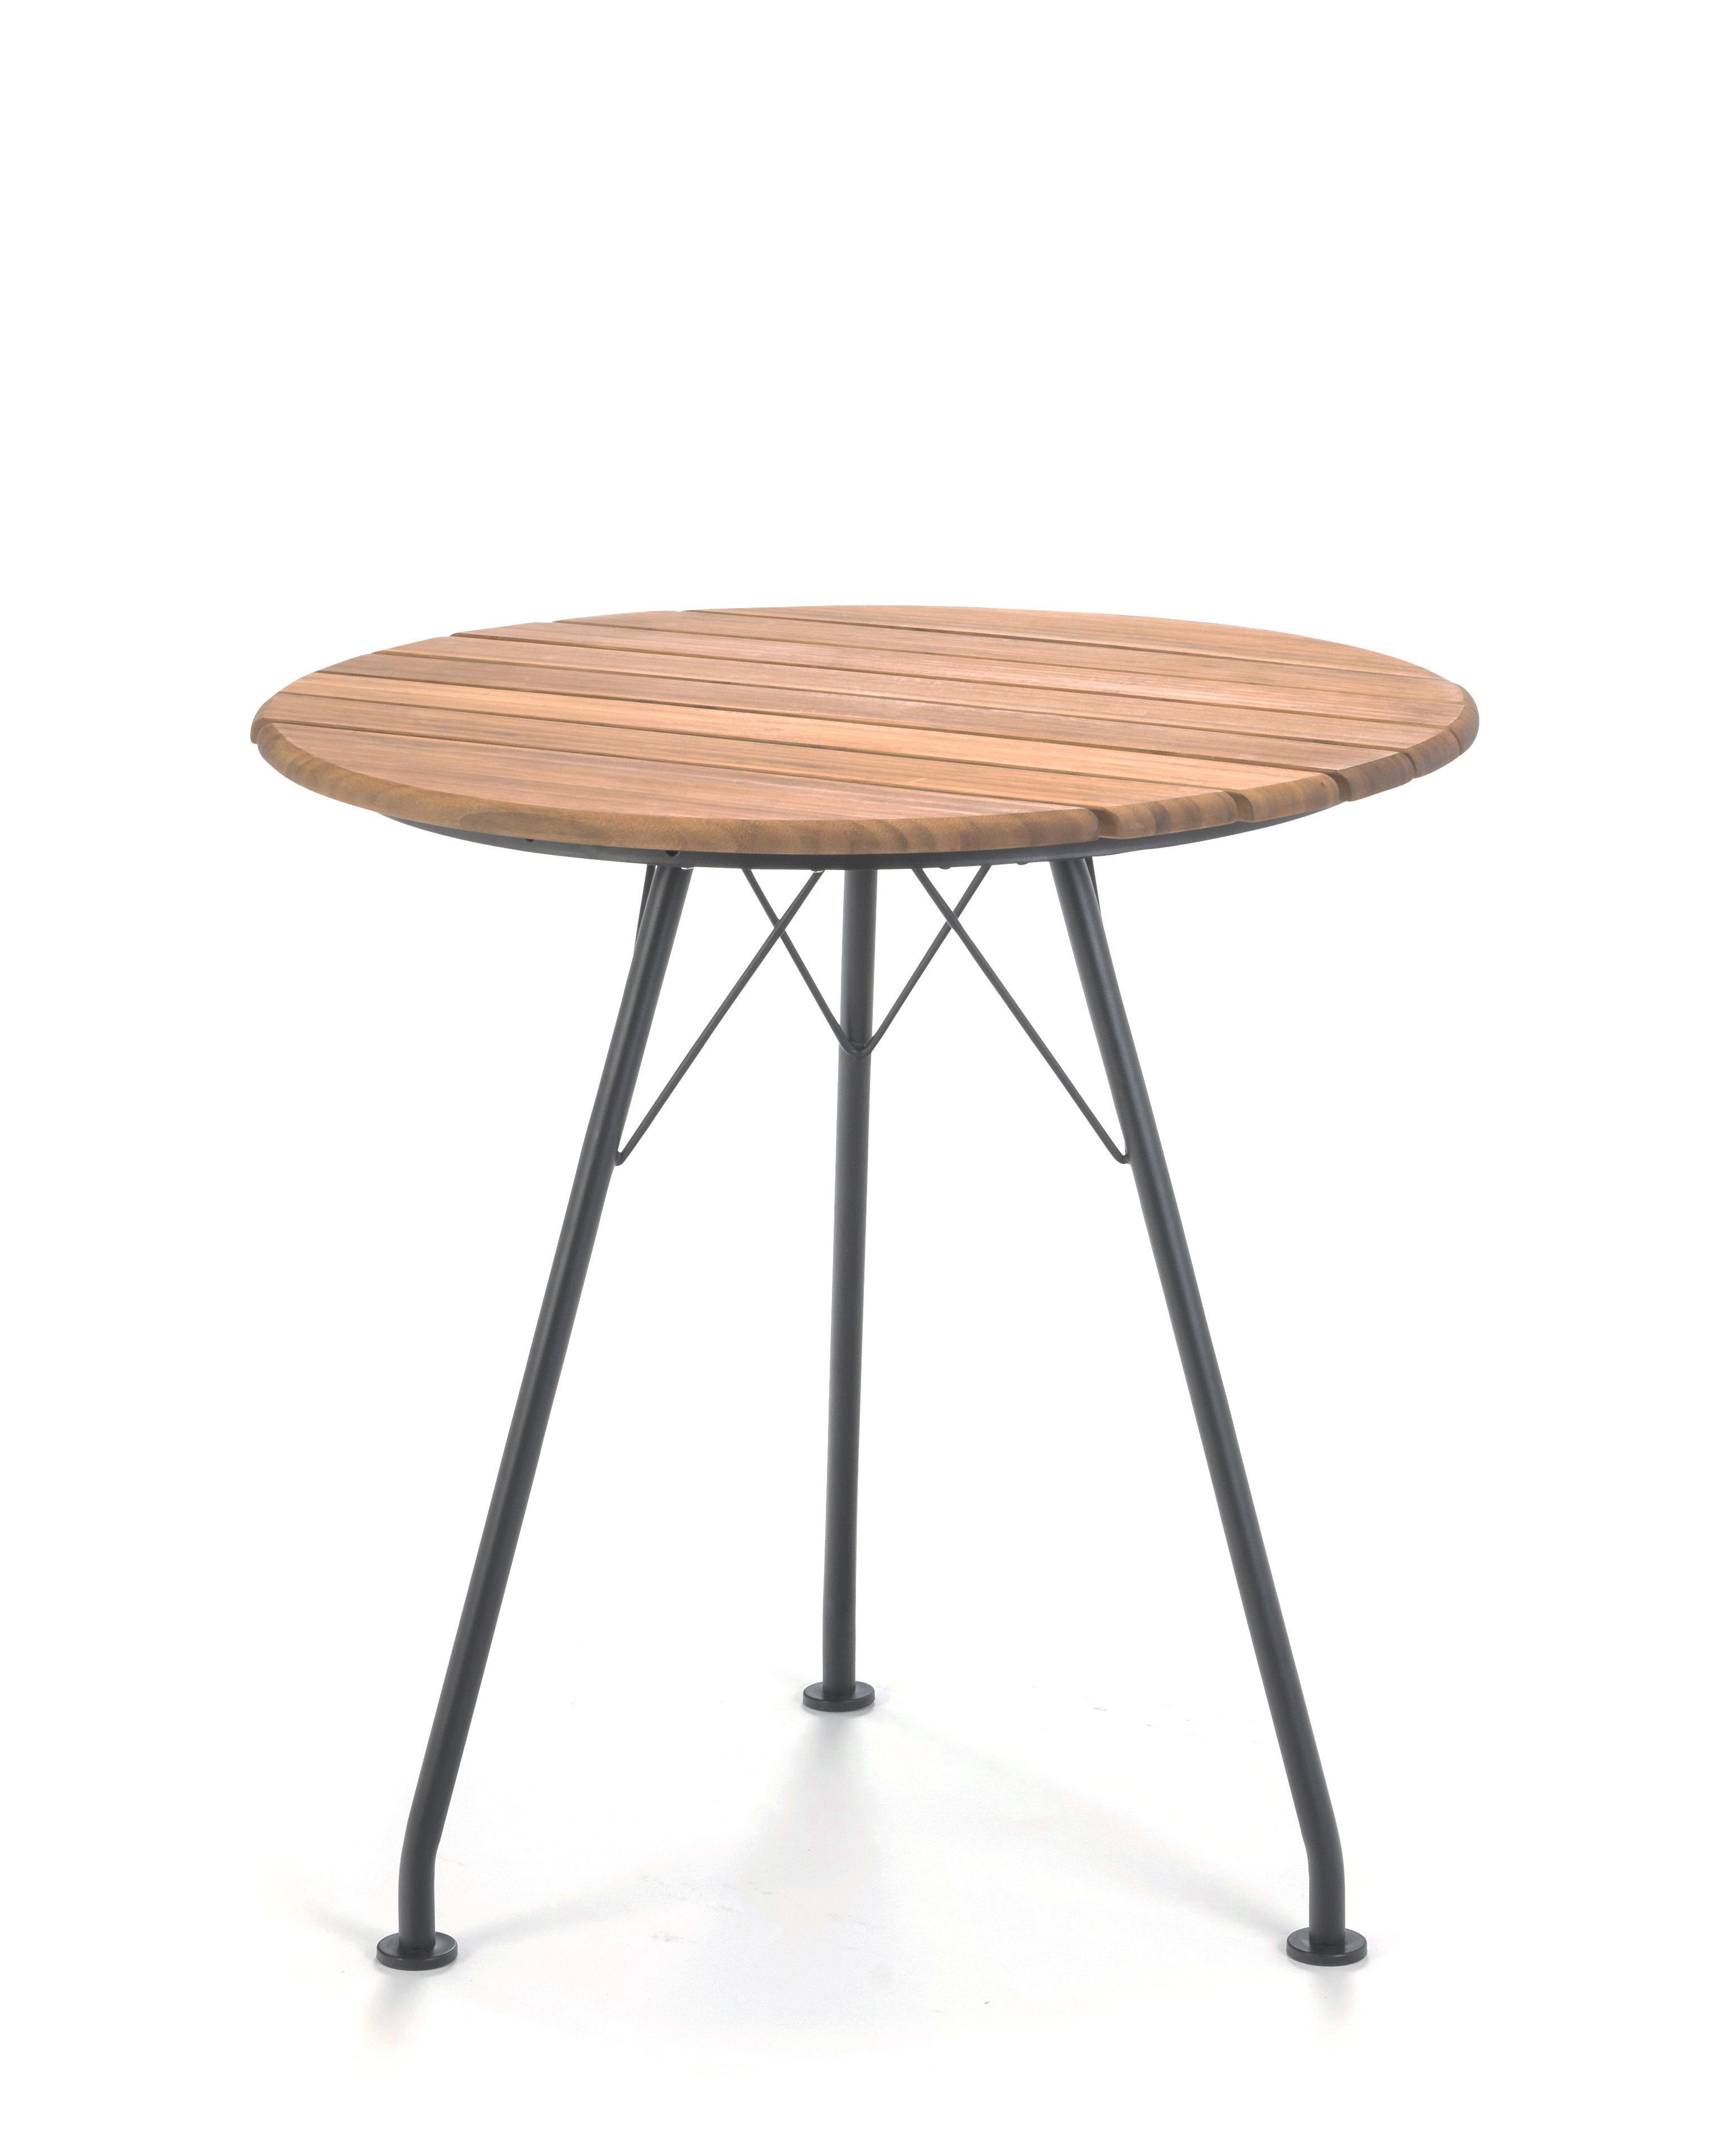 Outdoor - Tische - Circum Runder Tisch / Metall & Bambus - Ø 74 cm - Houe - Bambus & schwarz - Acier laqué époxy, Bambus